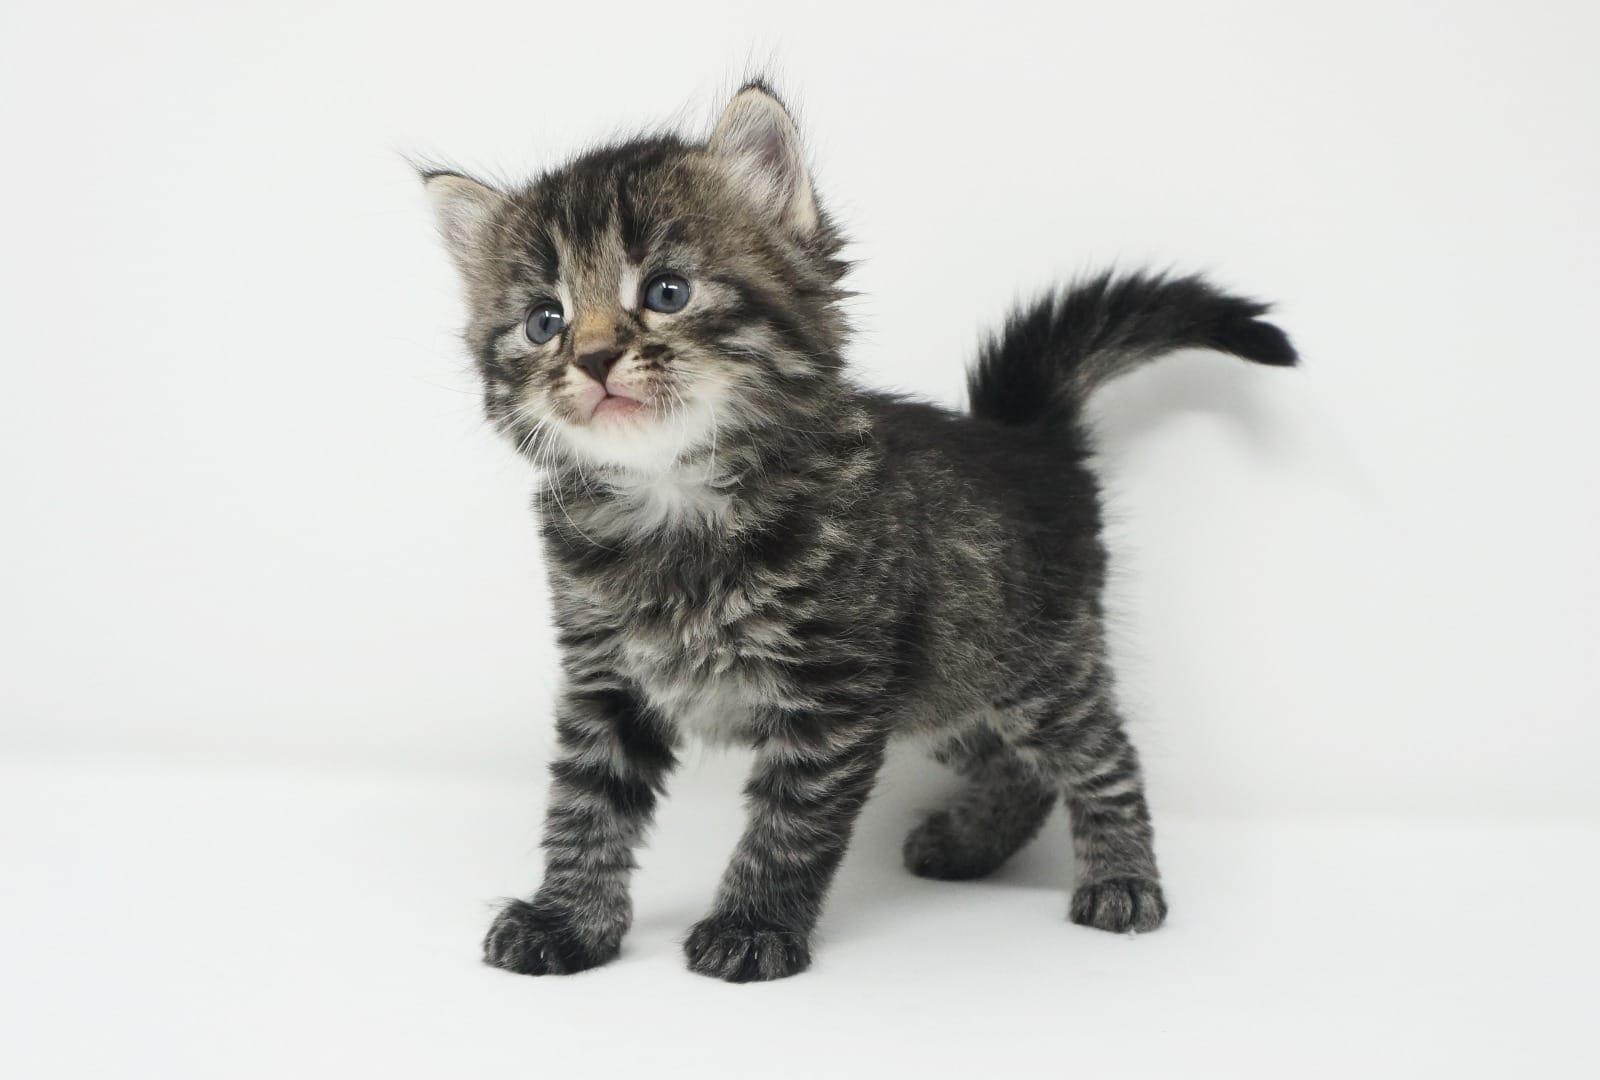 Baby katzen kaufen nrw